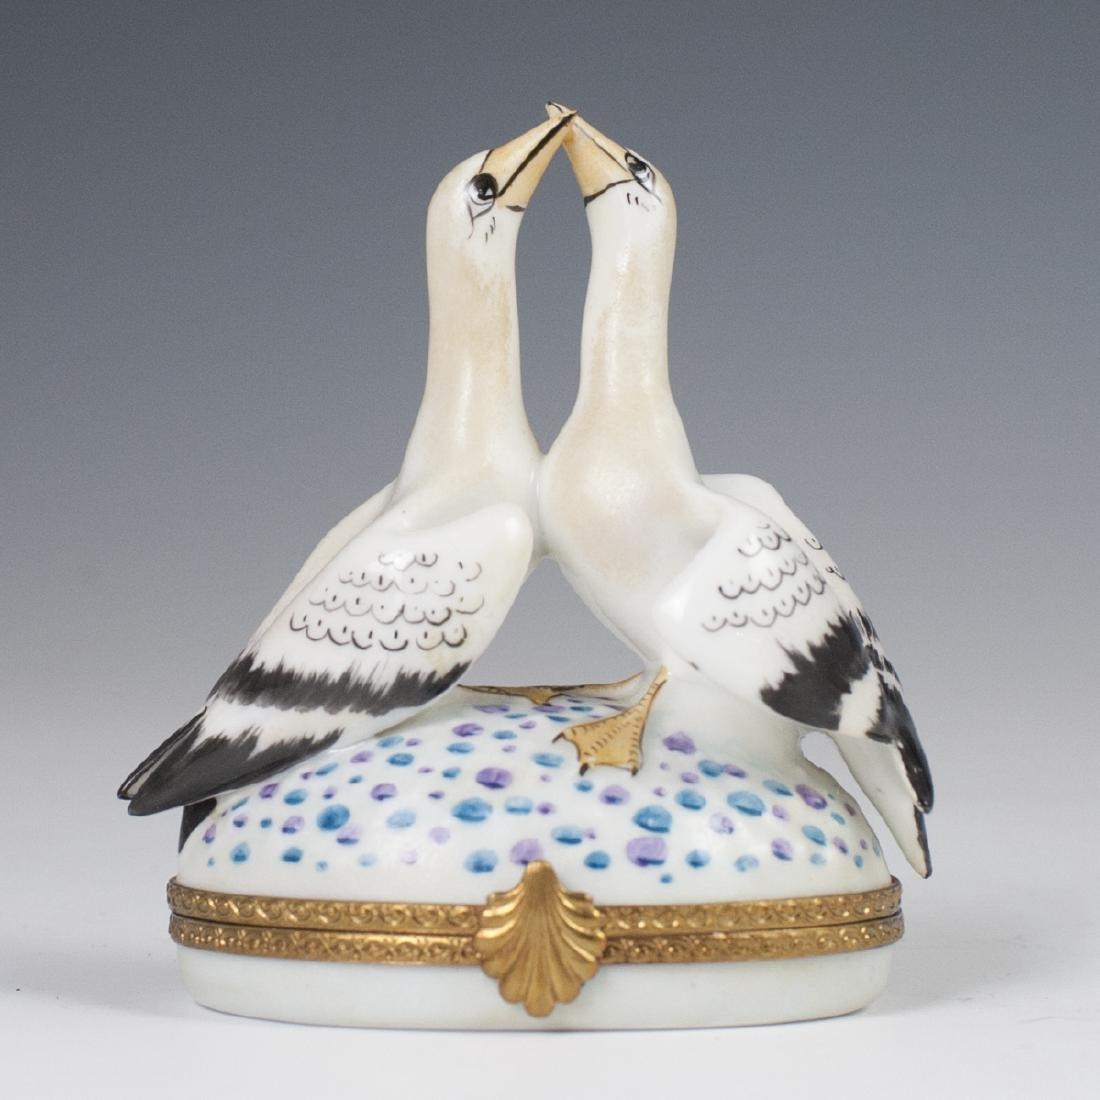 Limoges Porcelain Trinket Box